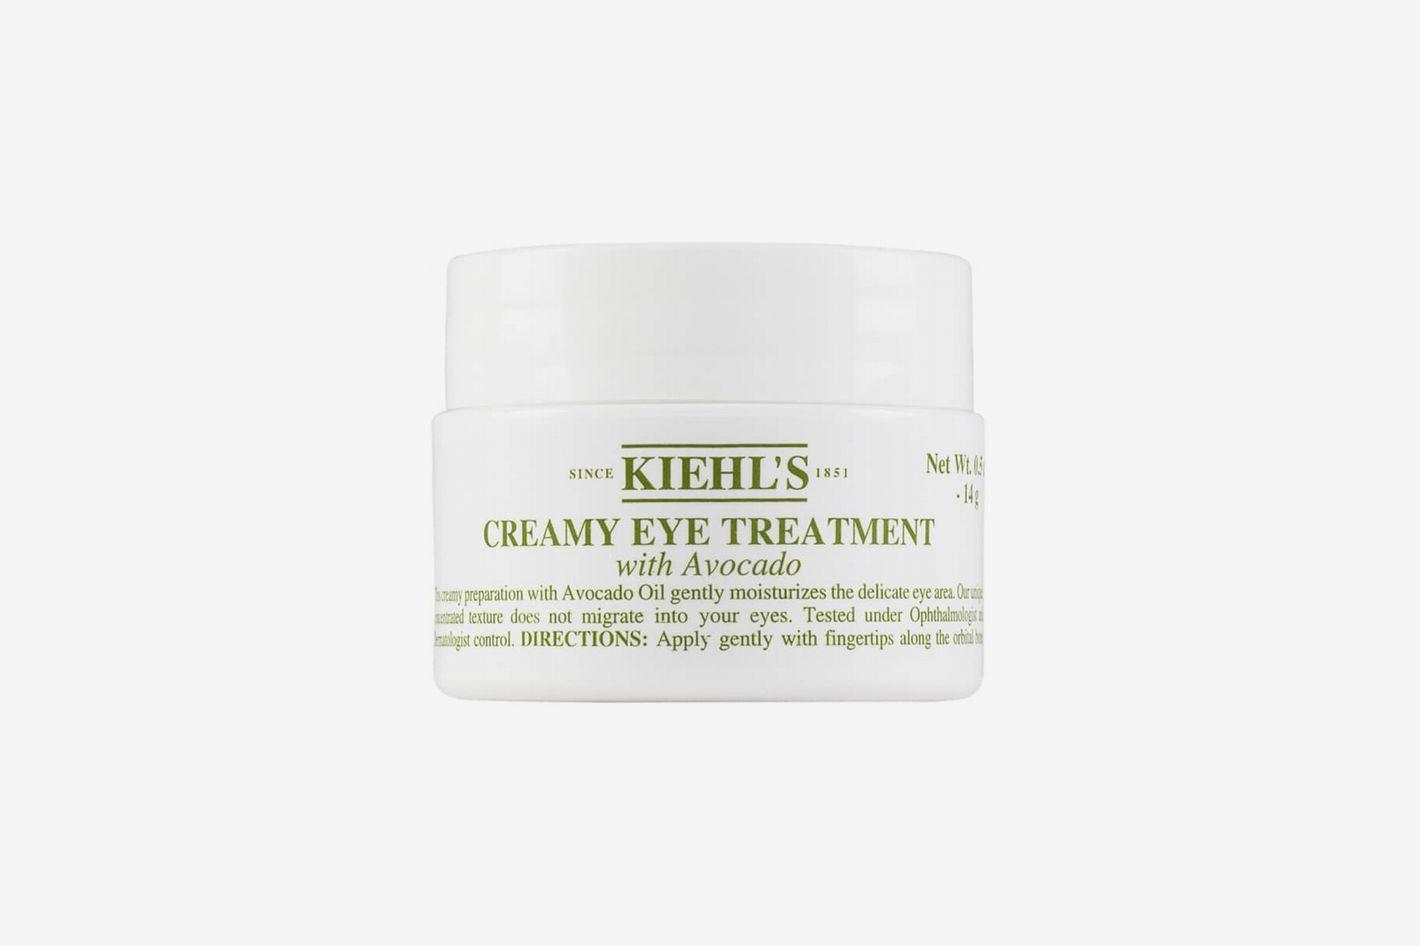 Kiehls Creamy Eye Treatment with Avocado